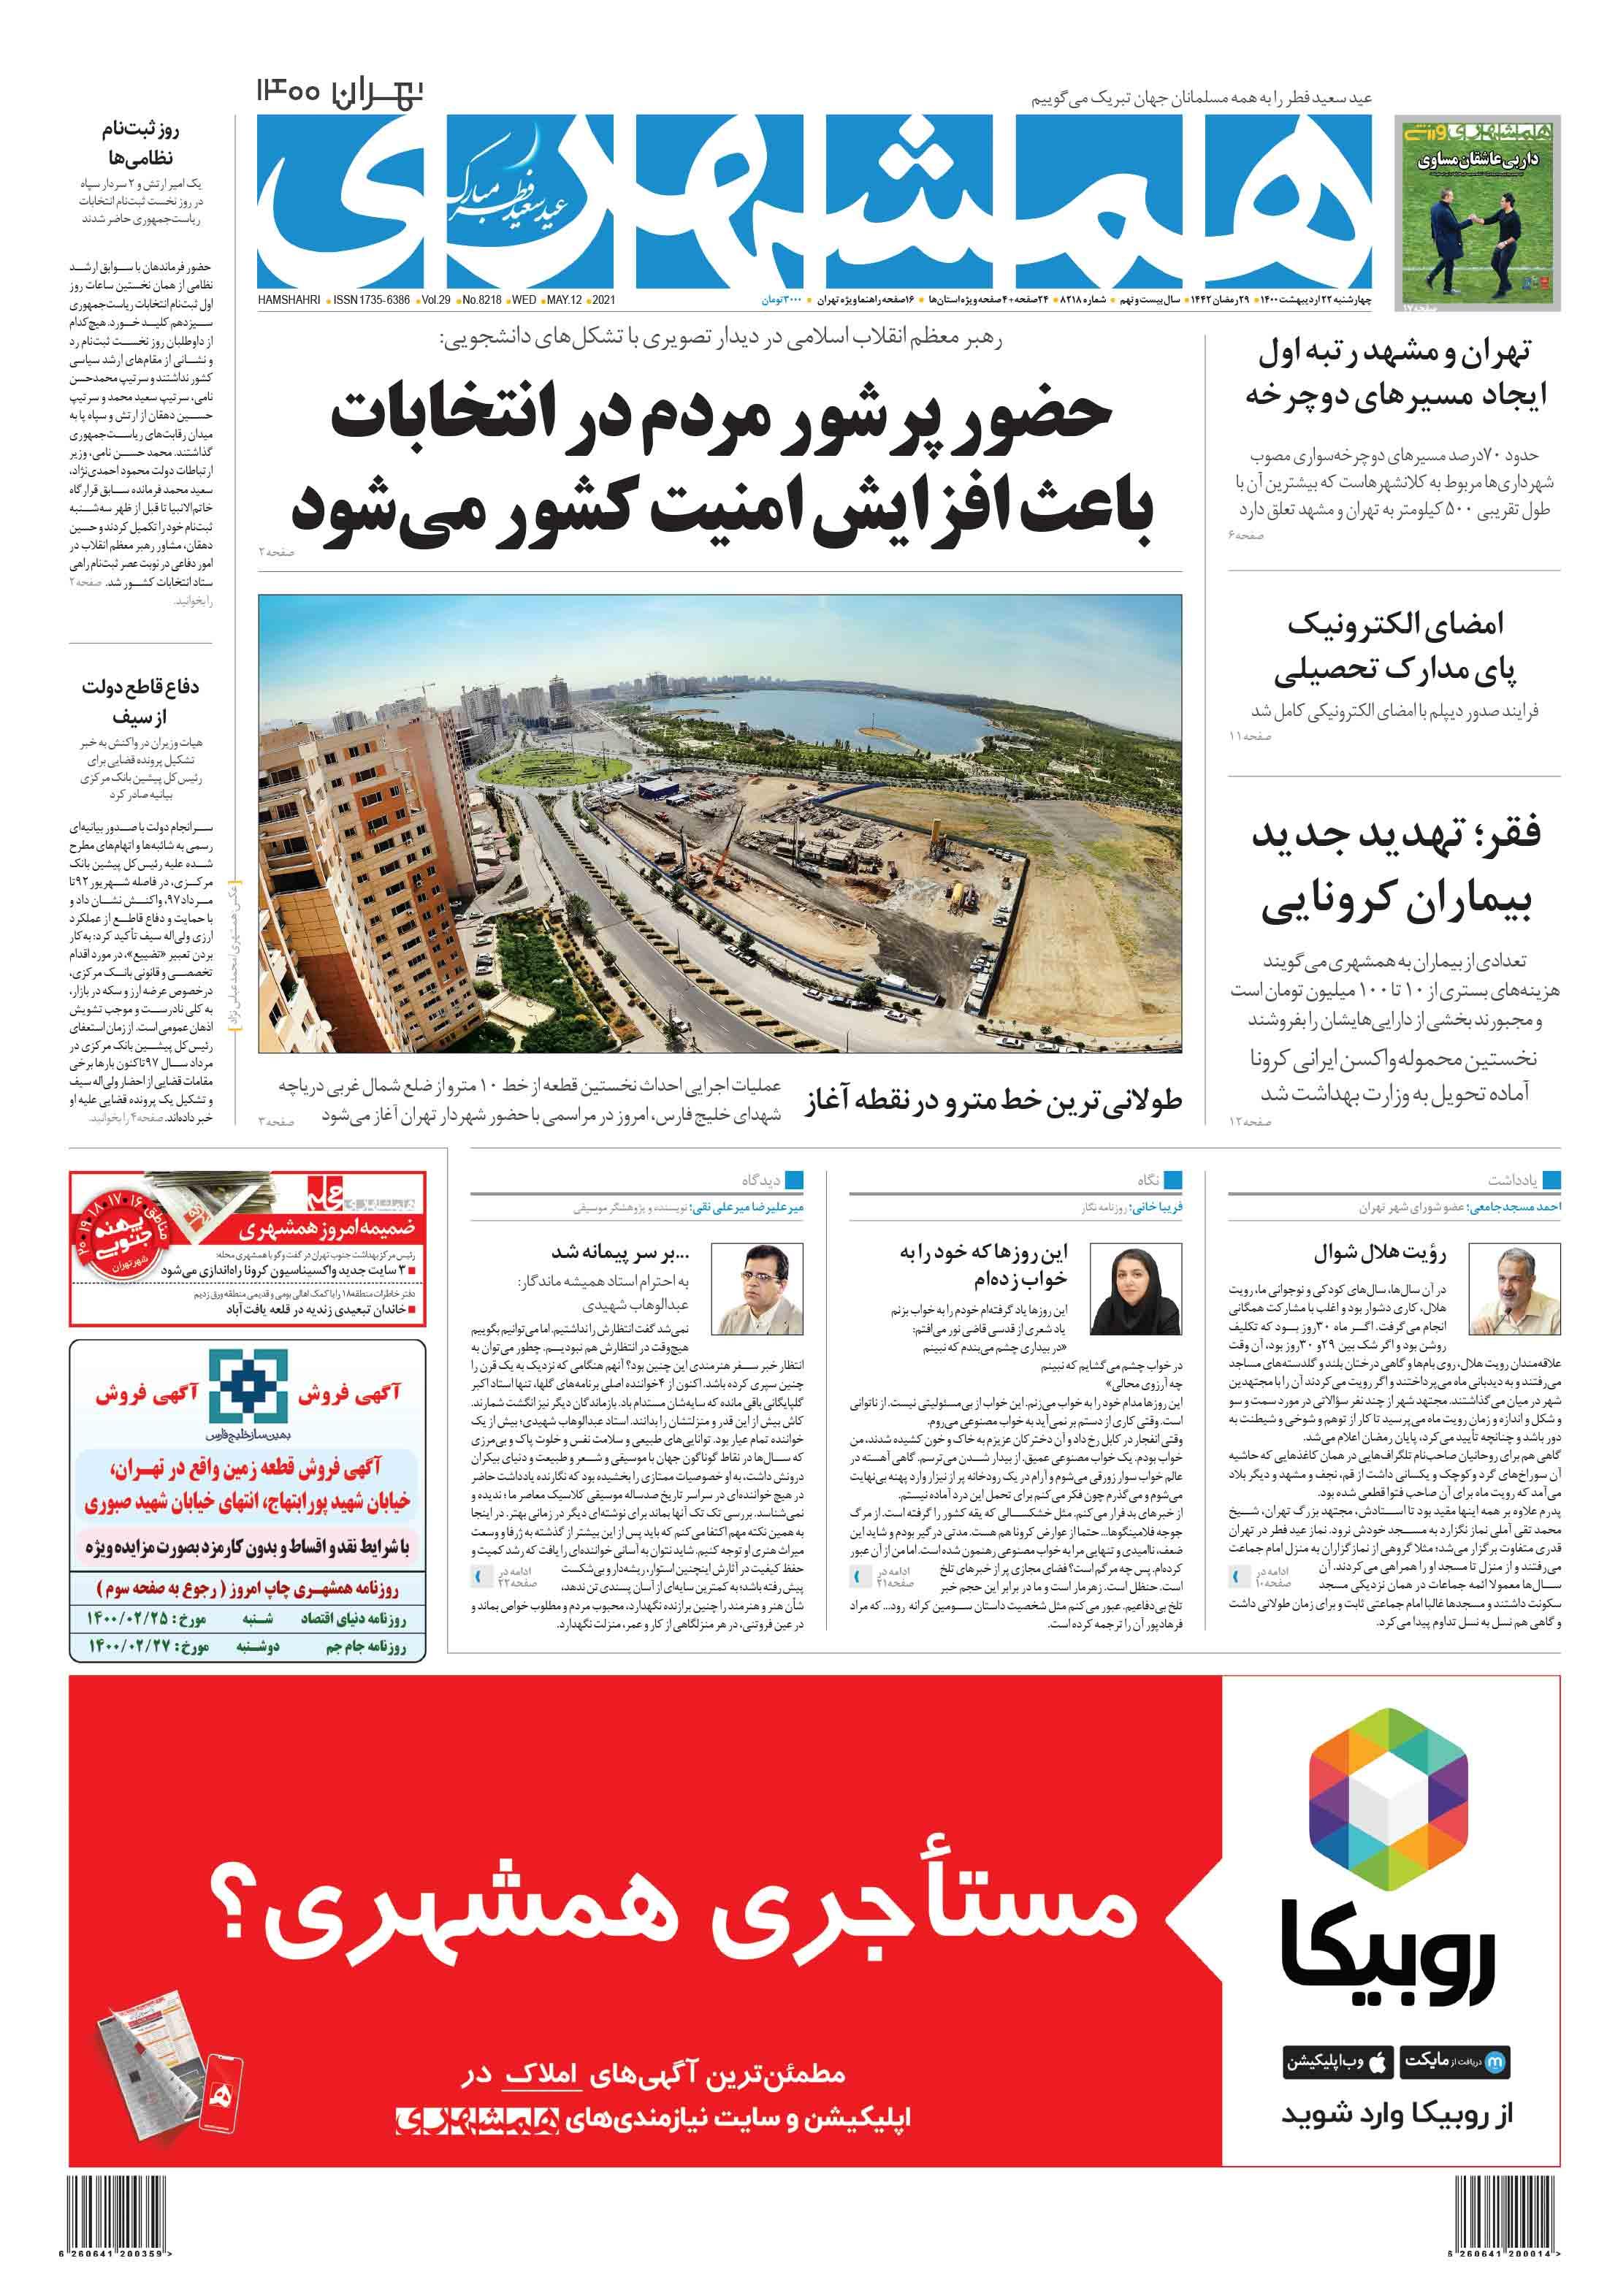 صفحه اول چهارشنبه 22 اردیبهشت 1400